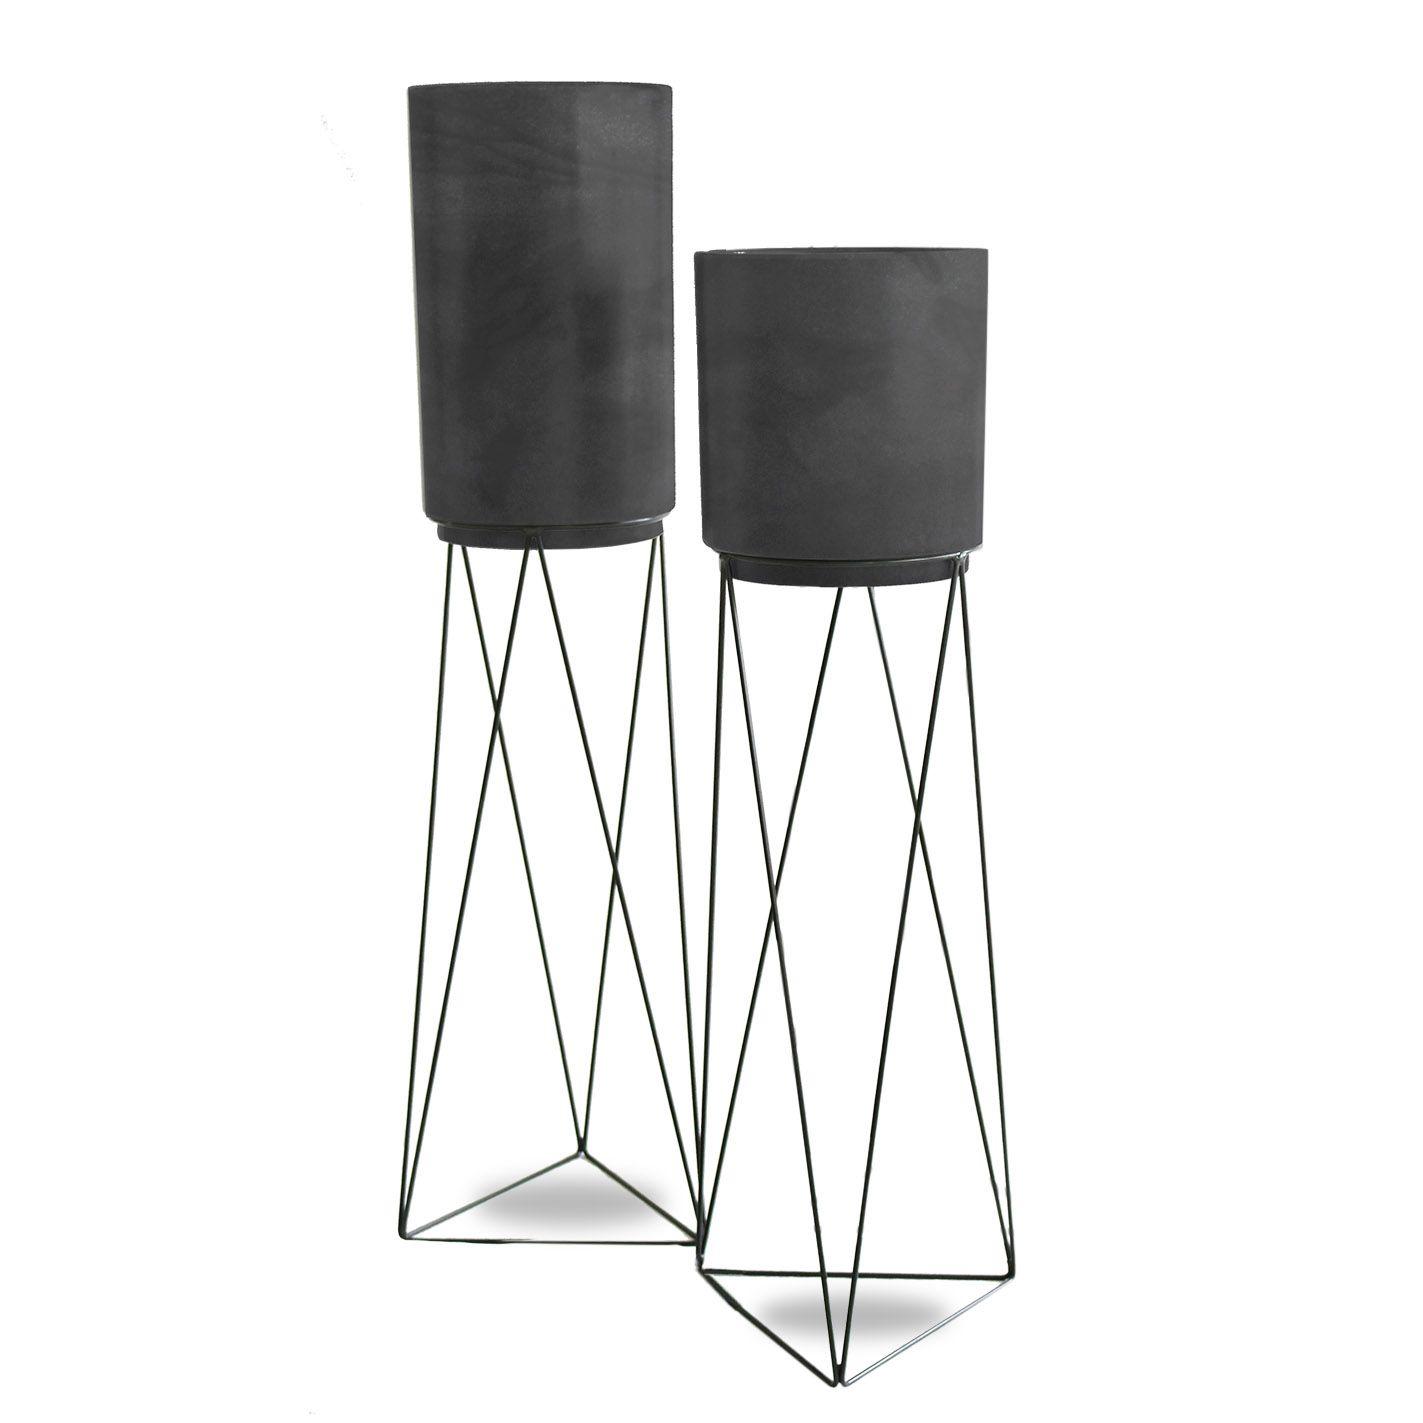 Kit Urban Rio - 4 peças (Suporte + Vaso)